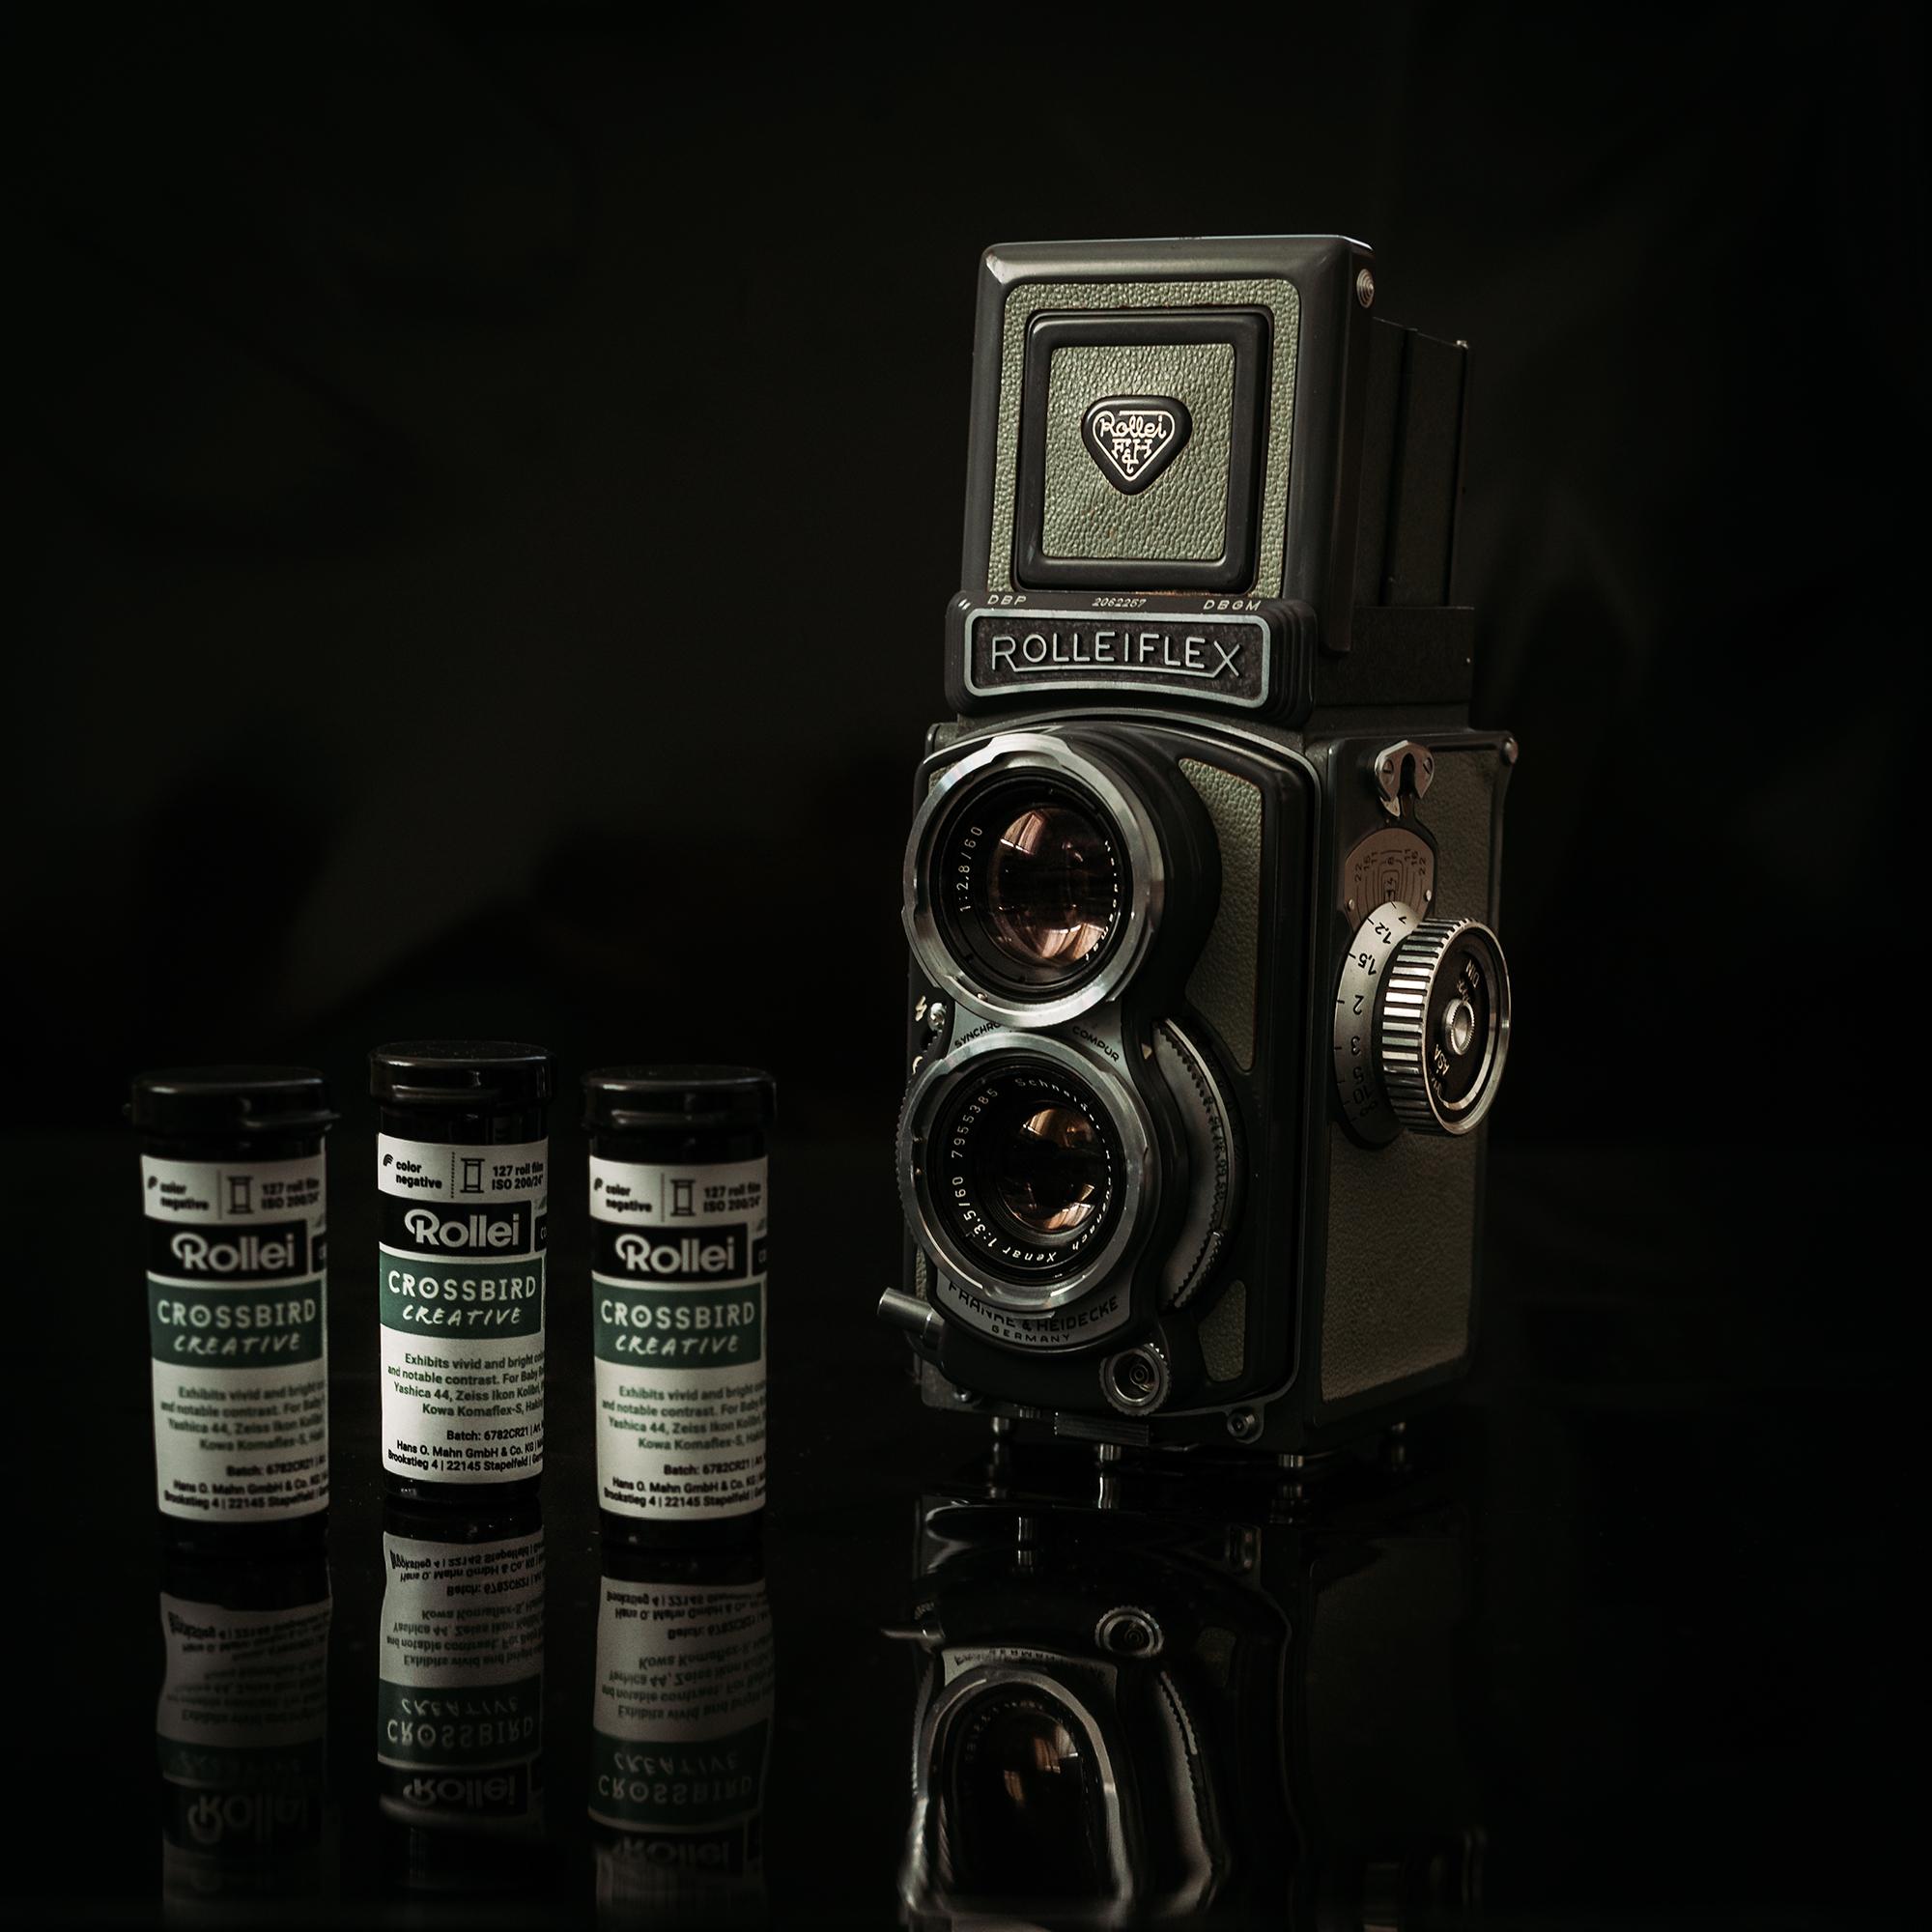 Baby Rolleiflex mit 127 Rollfilm Crossbird